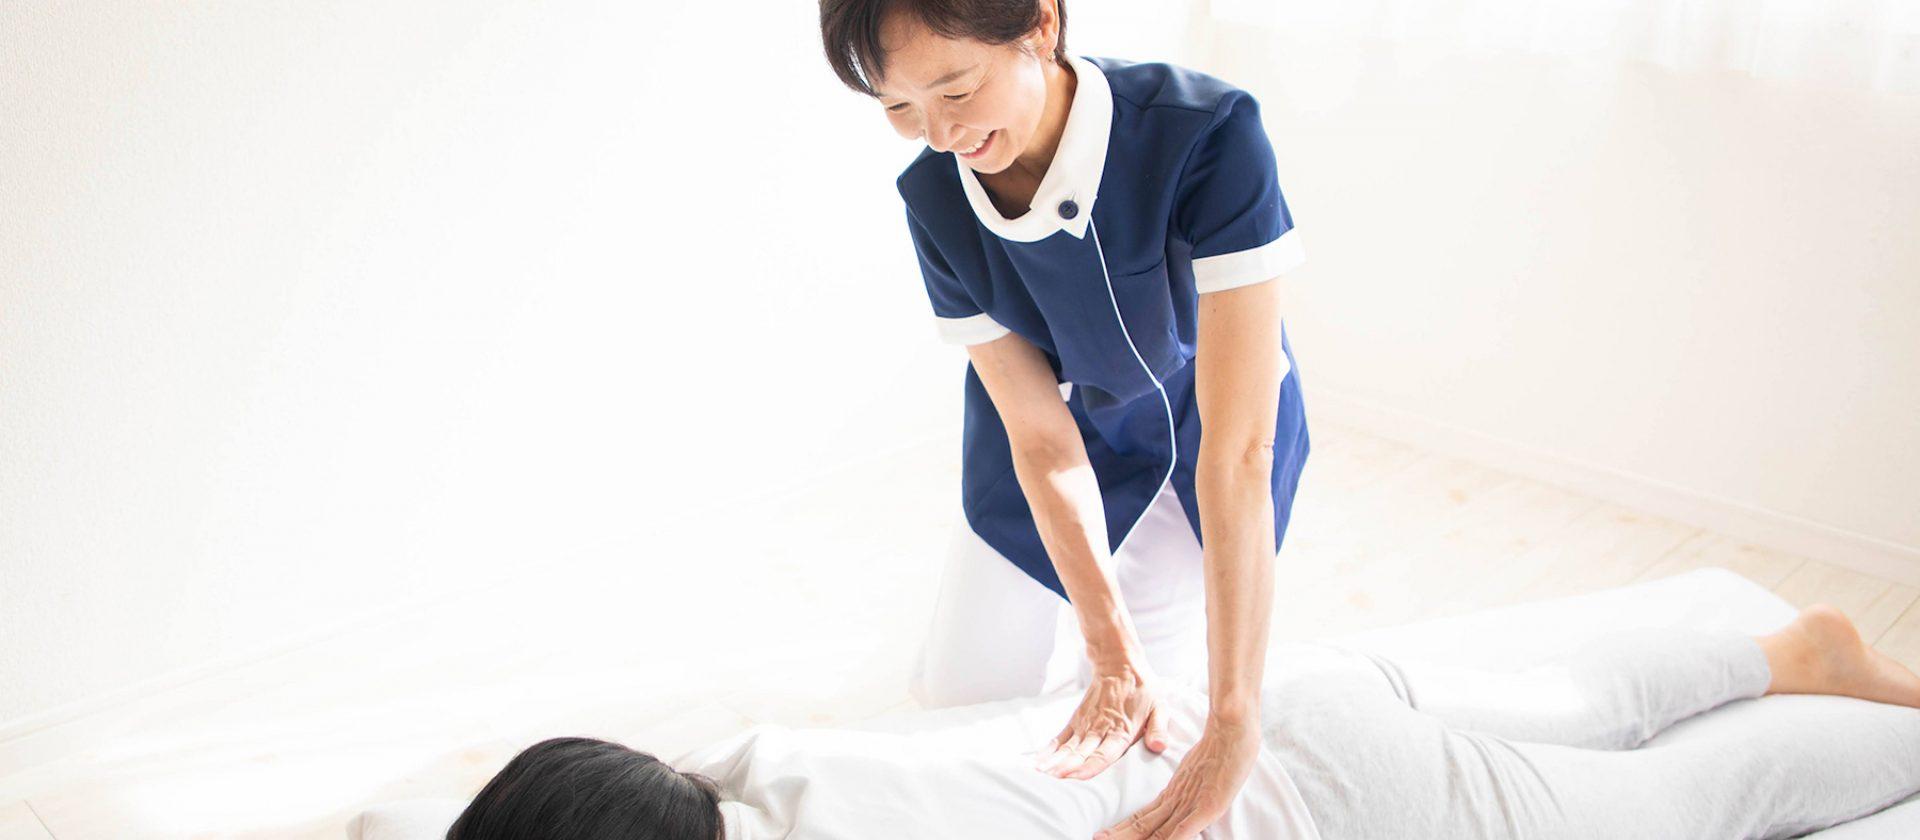 産後の腰痛専門あおい坂整体院